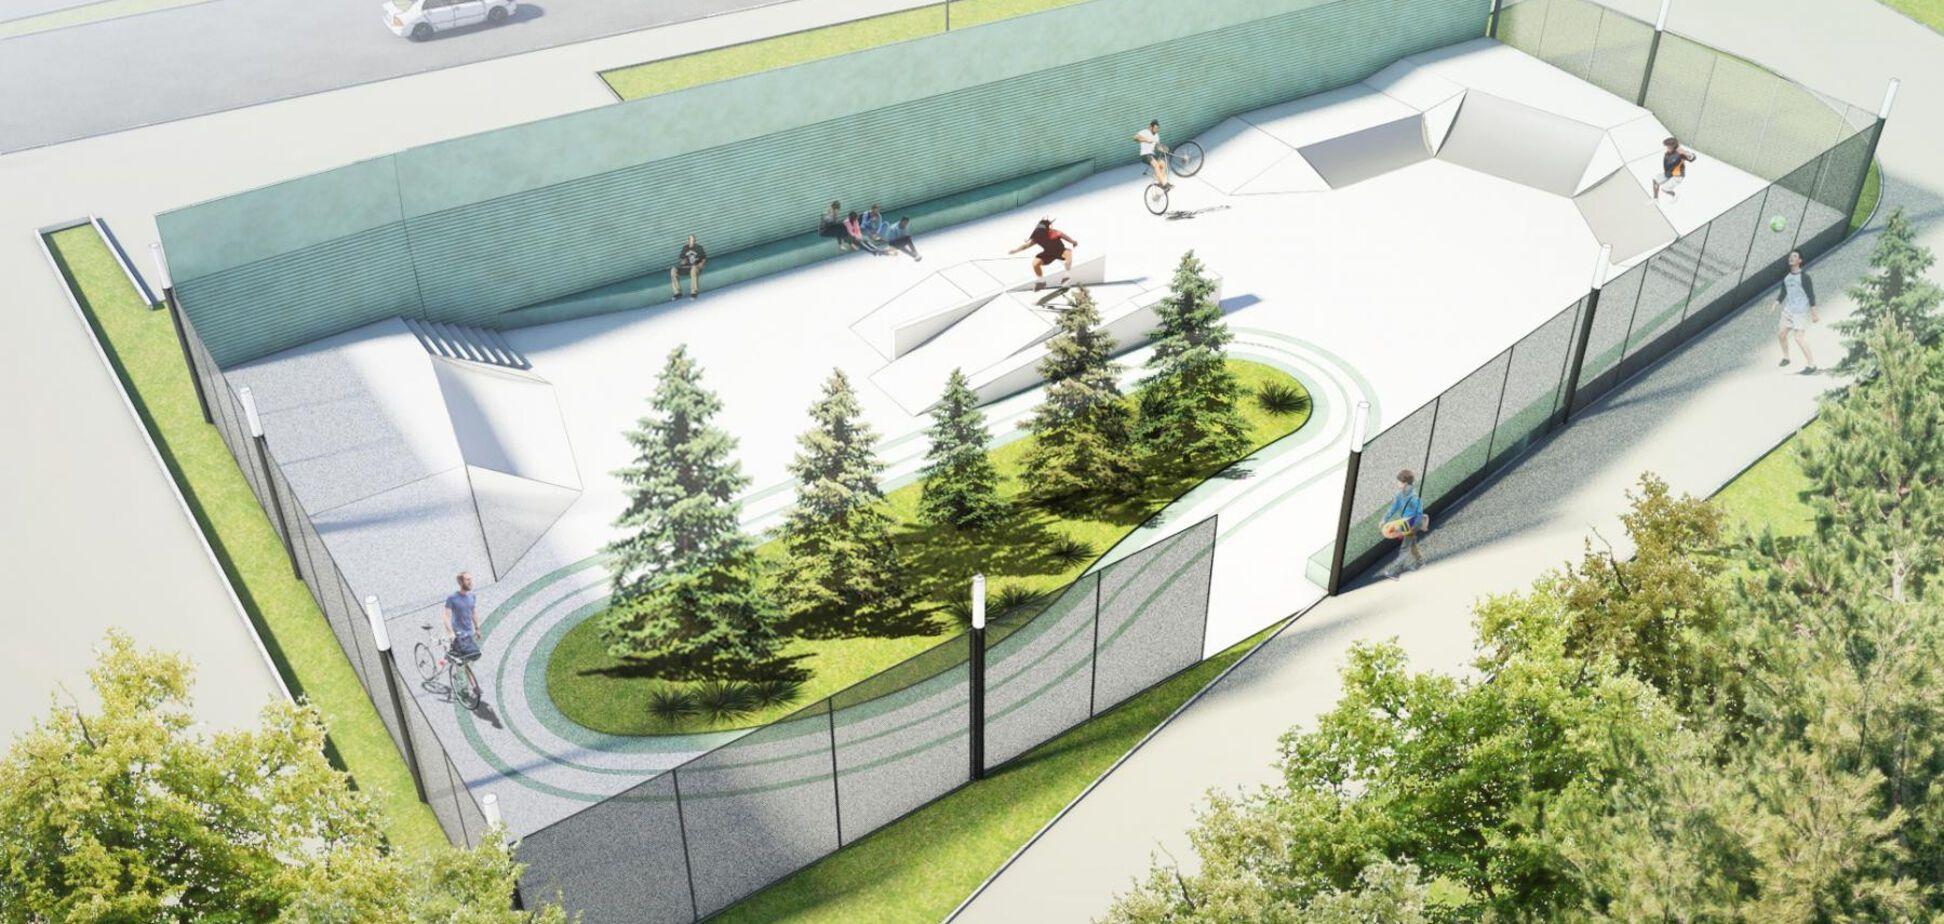 В Киеве появится скейт-парк: эскиз проекта